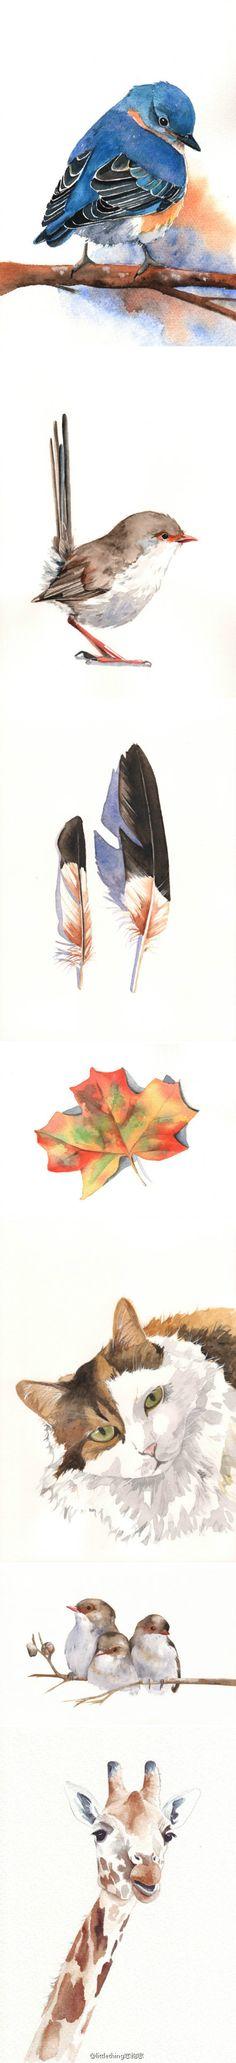 这些画就像是初夏的凉风般给人清爽的感觉~来自加拿大女画家Kathleen Maunder